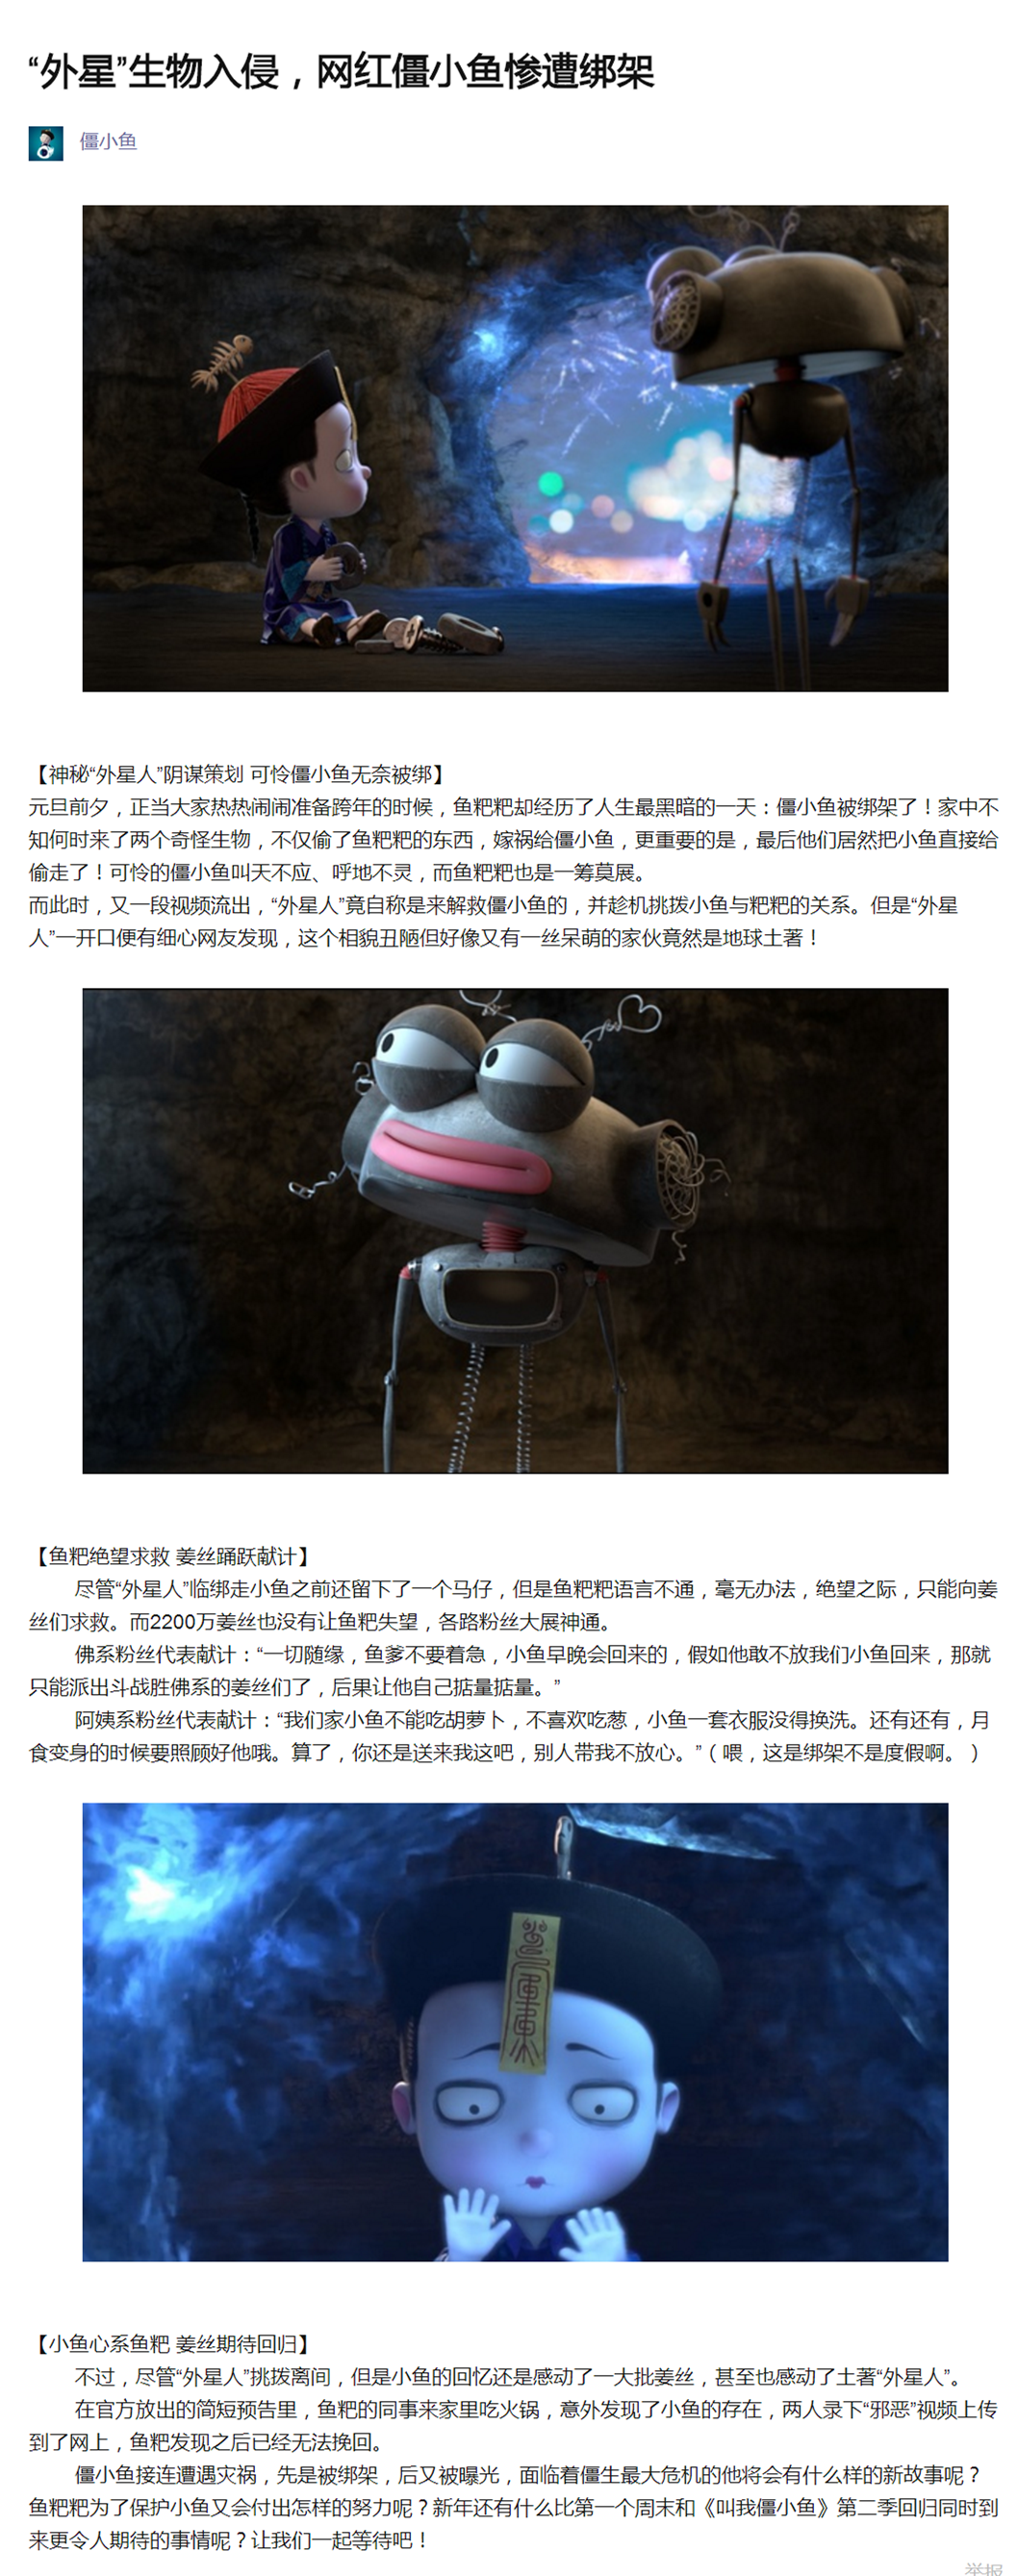 """""""外星""""生物入侵,网红僵小鱼惨遭绑架"""